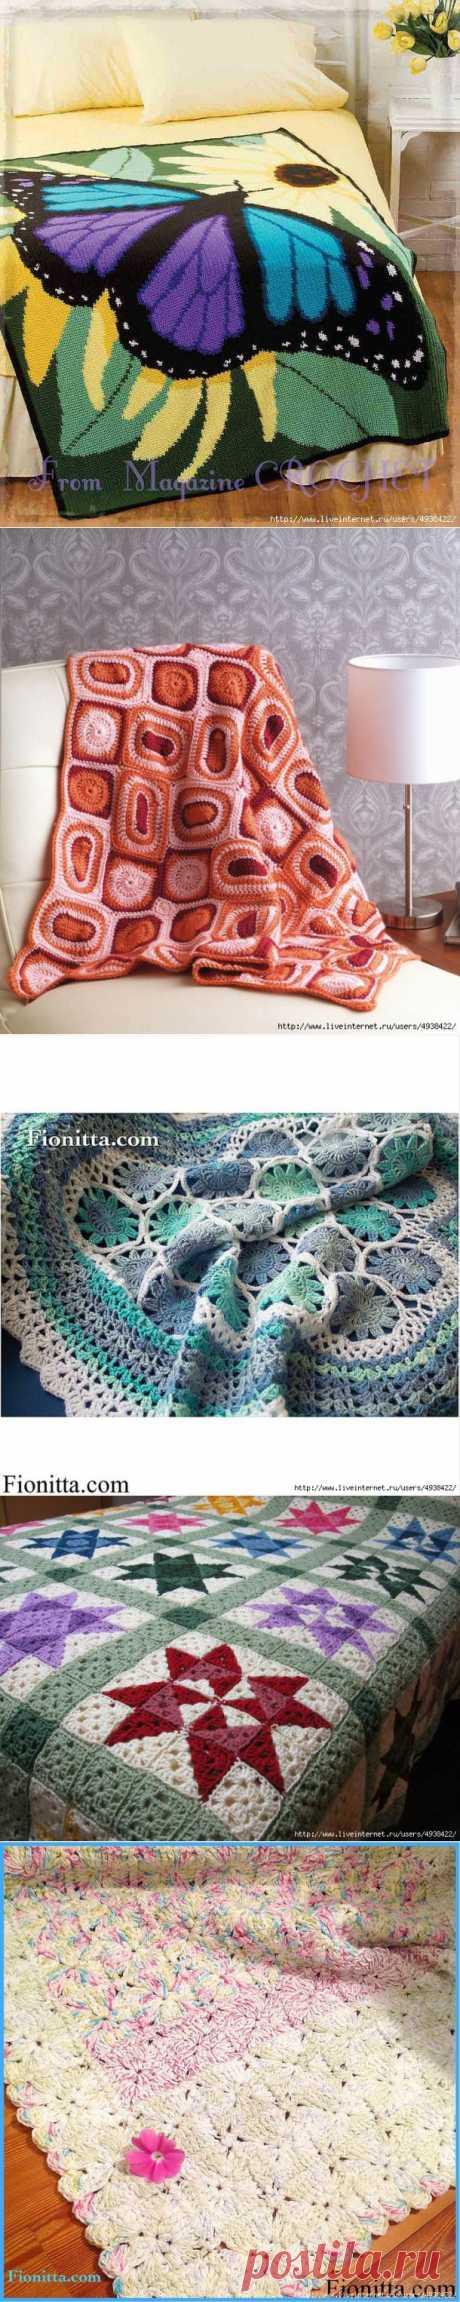 Пледы,покрывала,одеяла - вязание и шитье. | Записи в рубрике Пледы,покрывала,одеяла - вязание и шитье. | Дневник Лада_Германовна